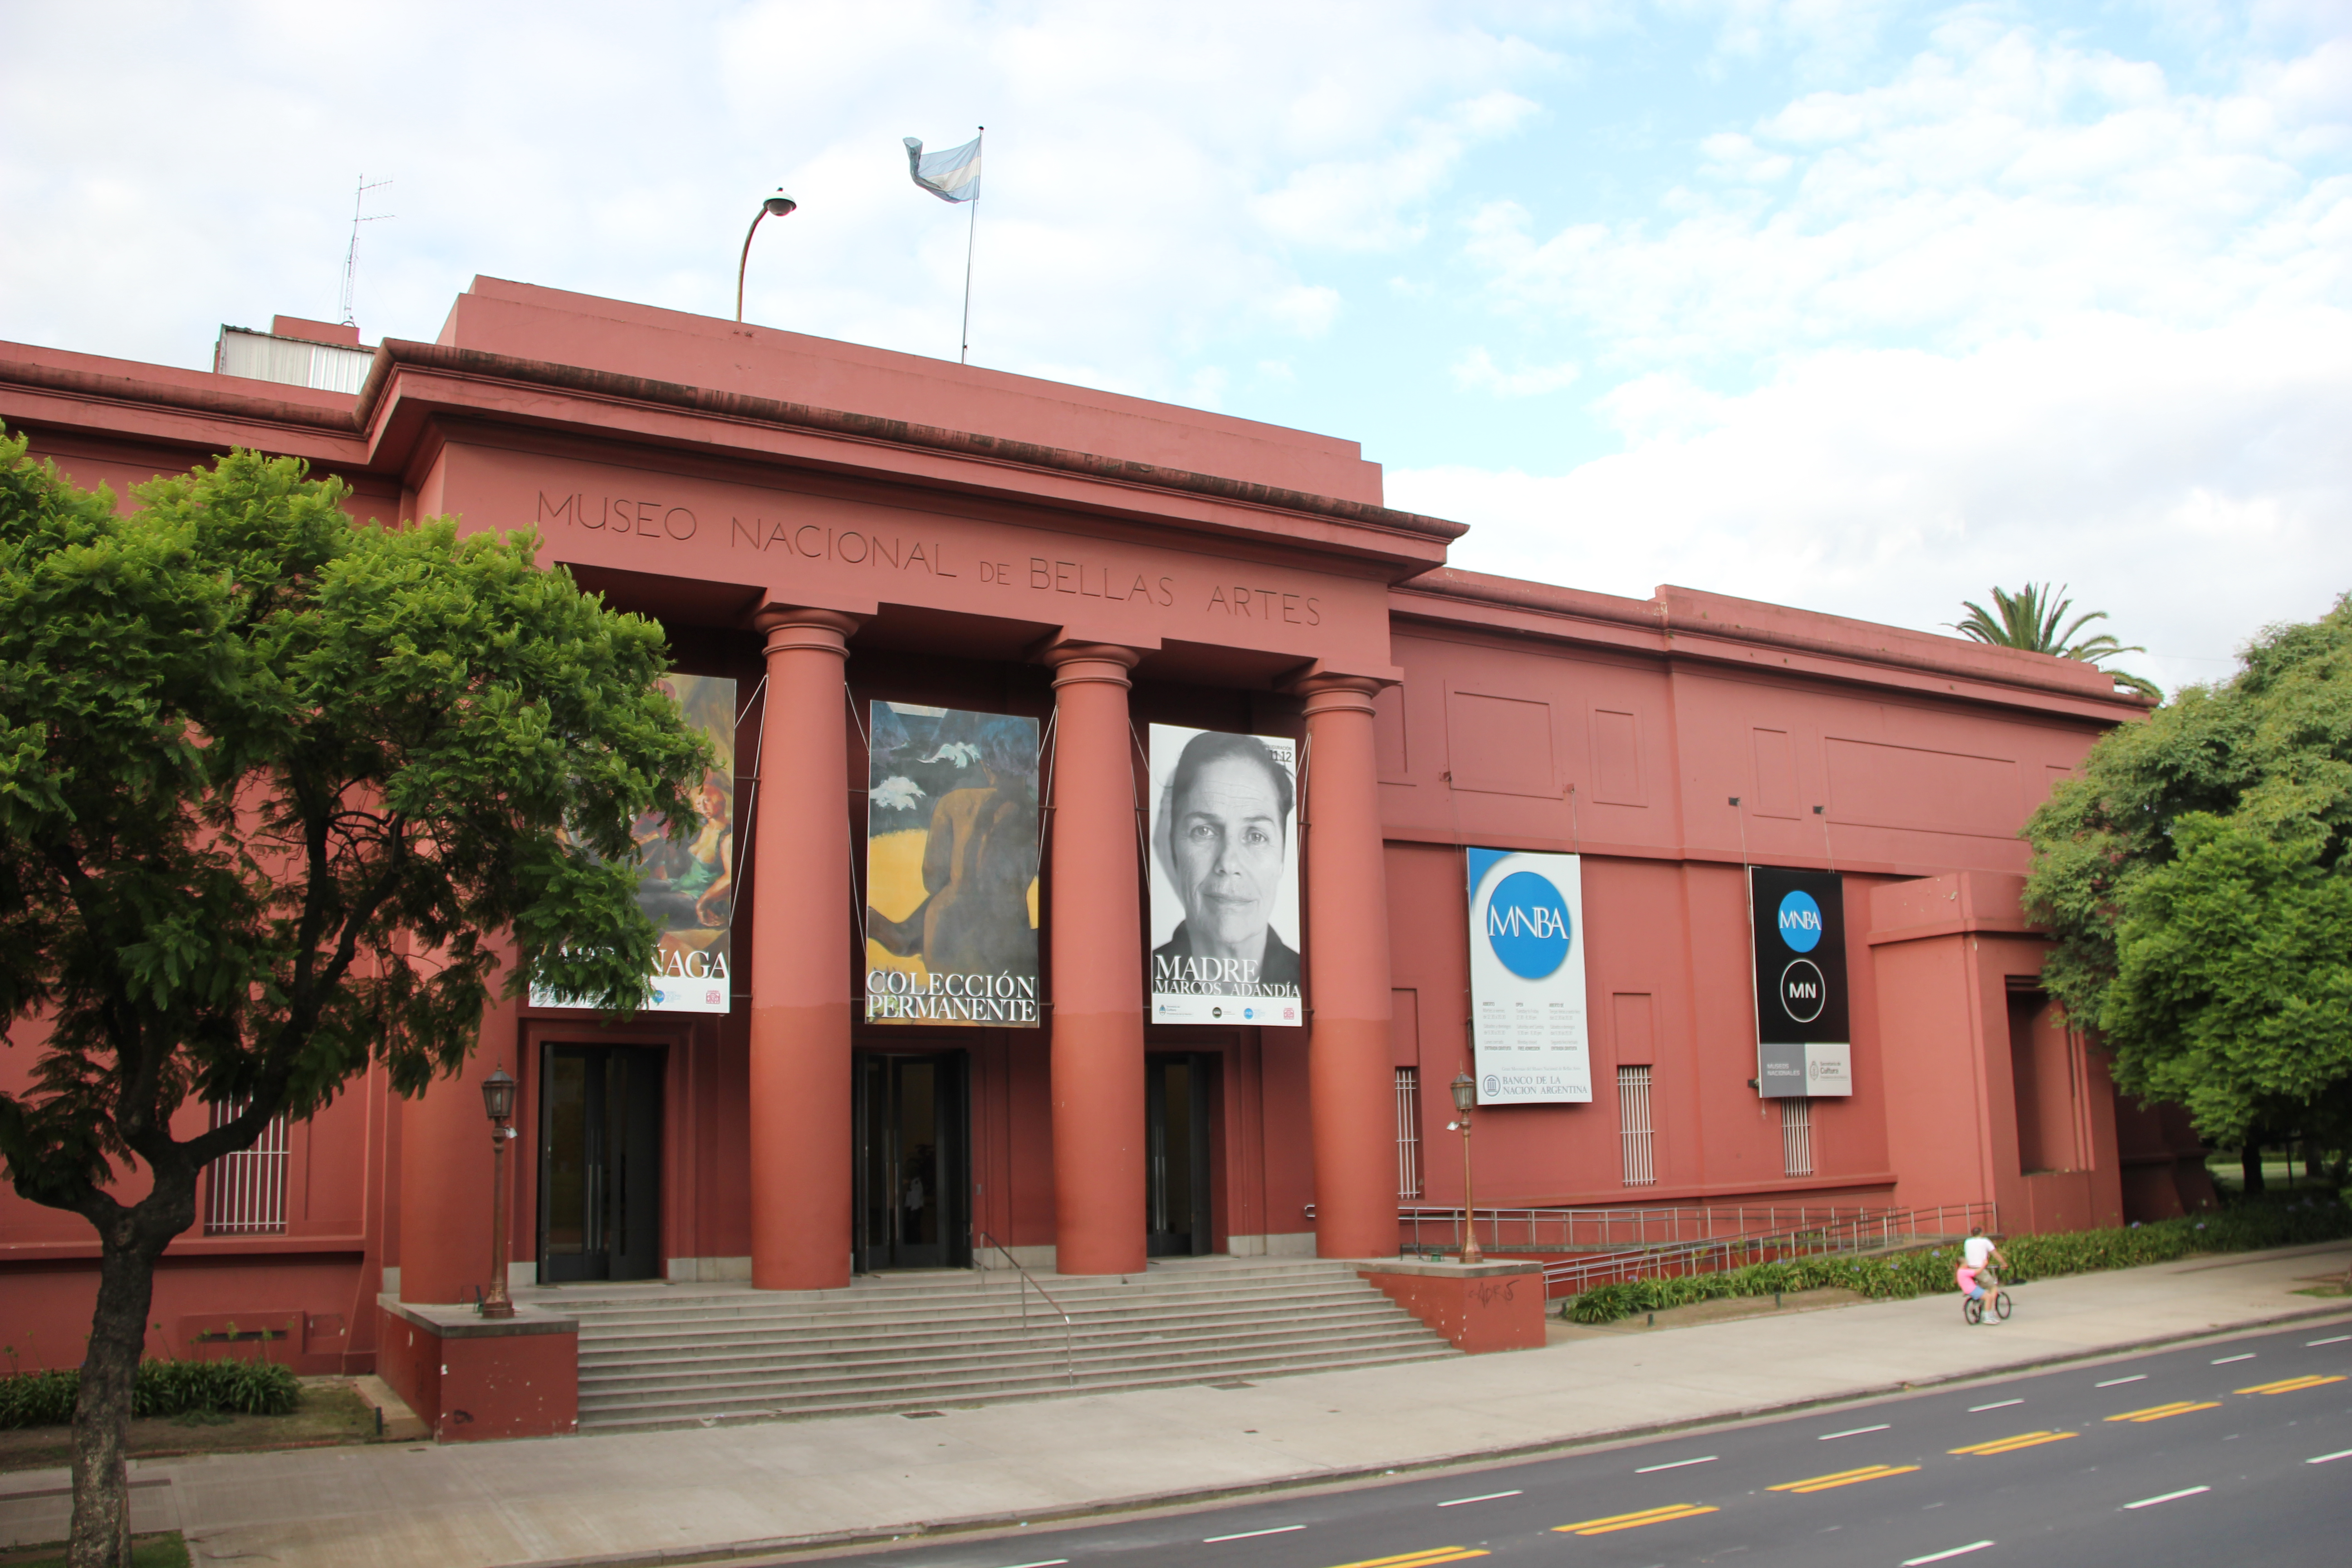 File:Museo Nacional de Bellas Artes (Buenos Aires, 2014).JPG - Wikimedia Commons